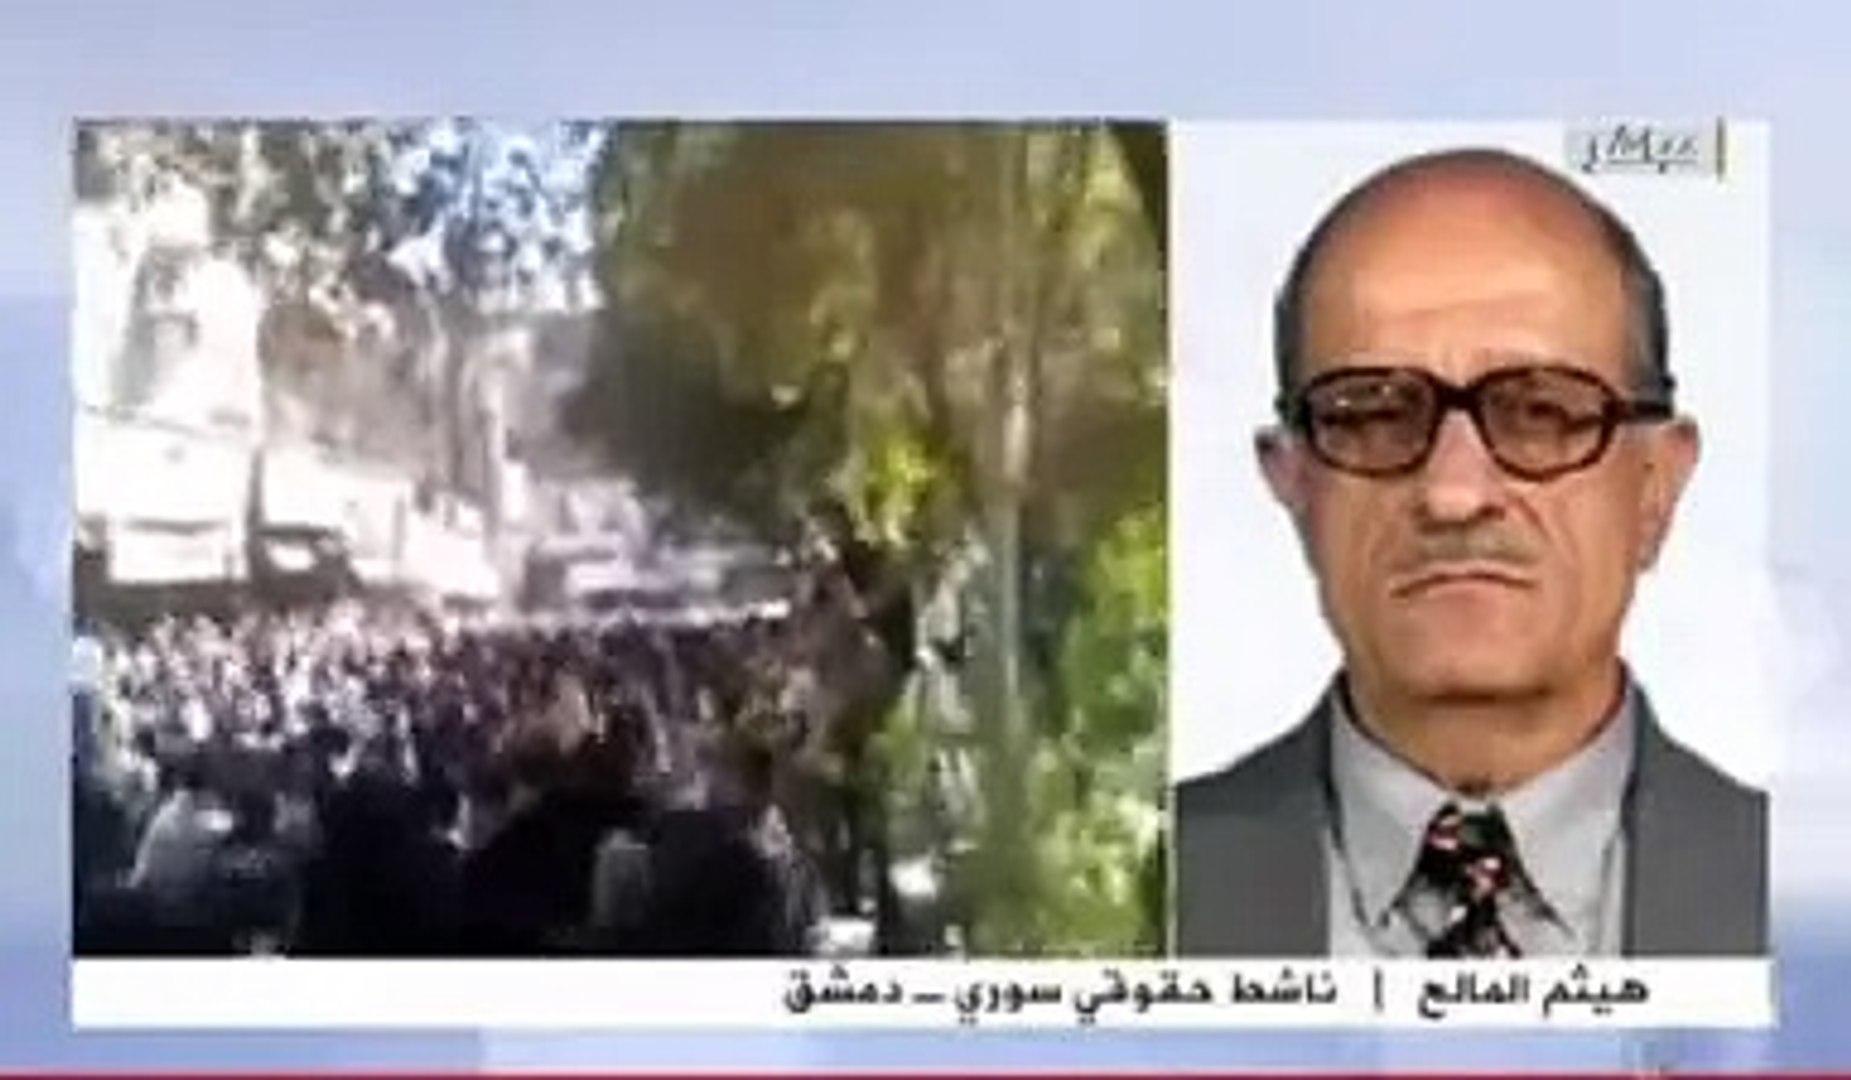 Aljazeera  تعليق المحامي هيثم المالح على  الاسد  ج3 16.04.2011-